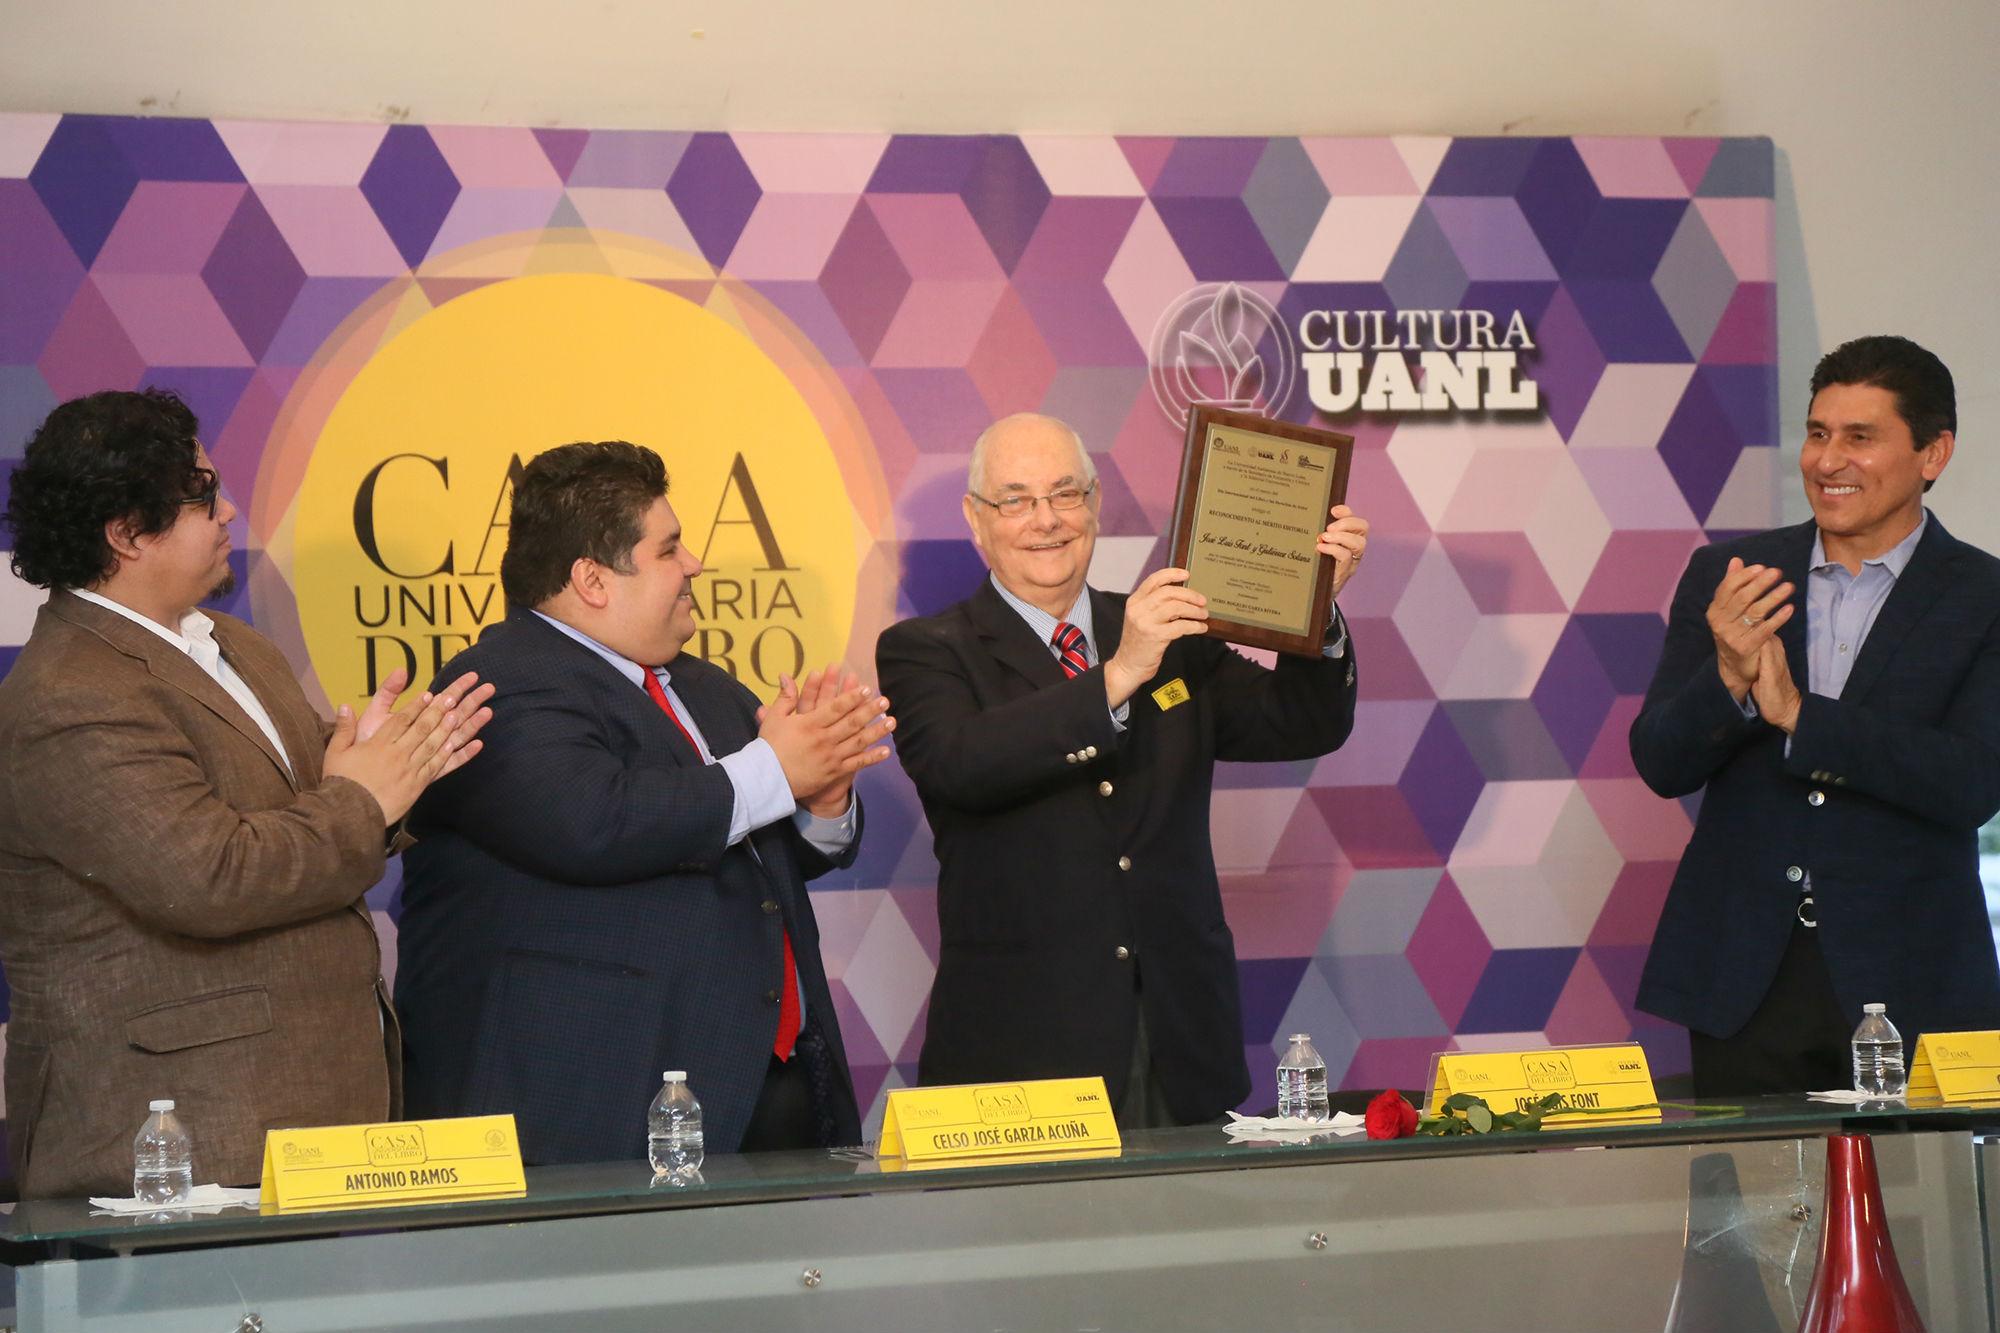 Entrega de reconocimiento a José Luis Font y Gutiérrez Solana